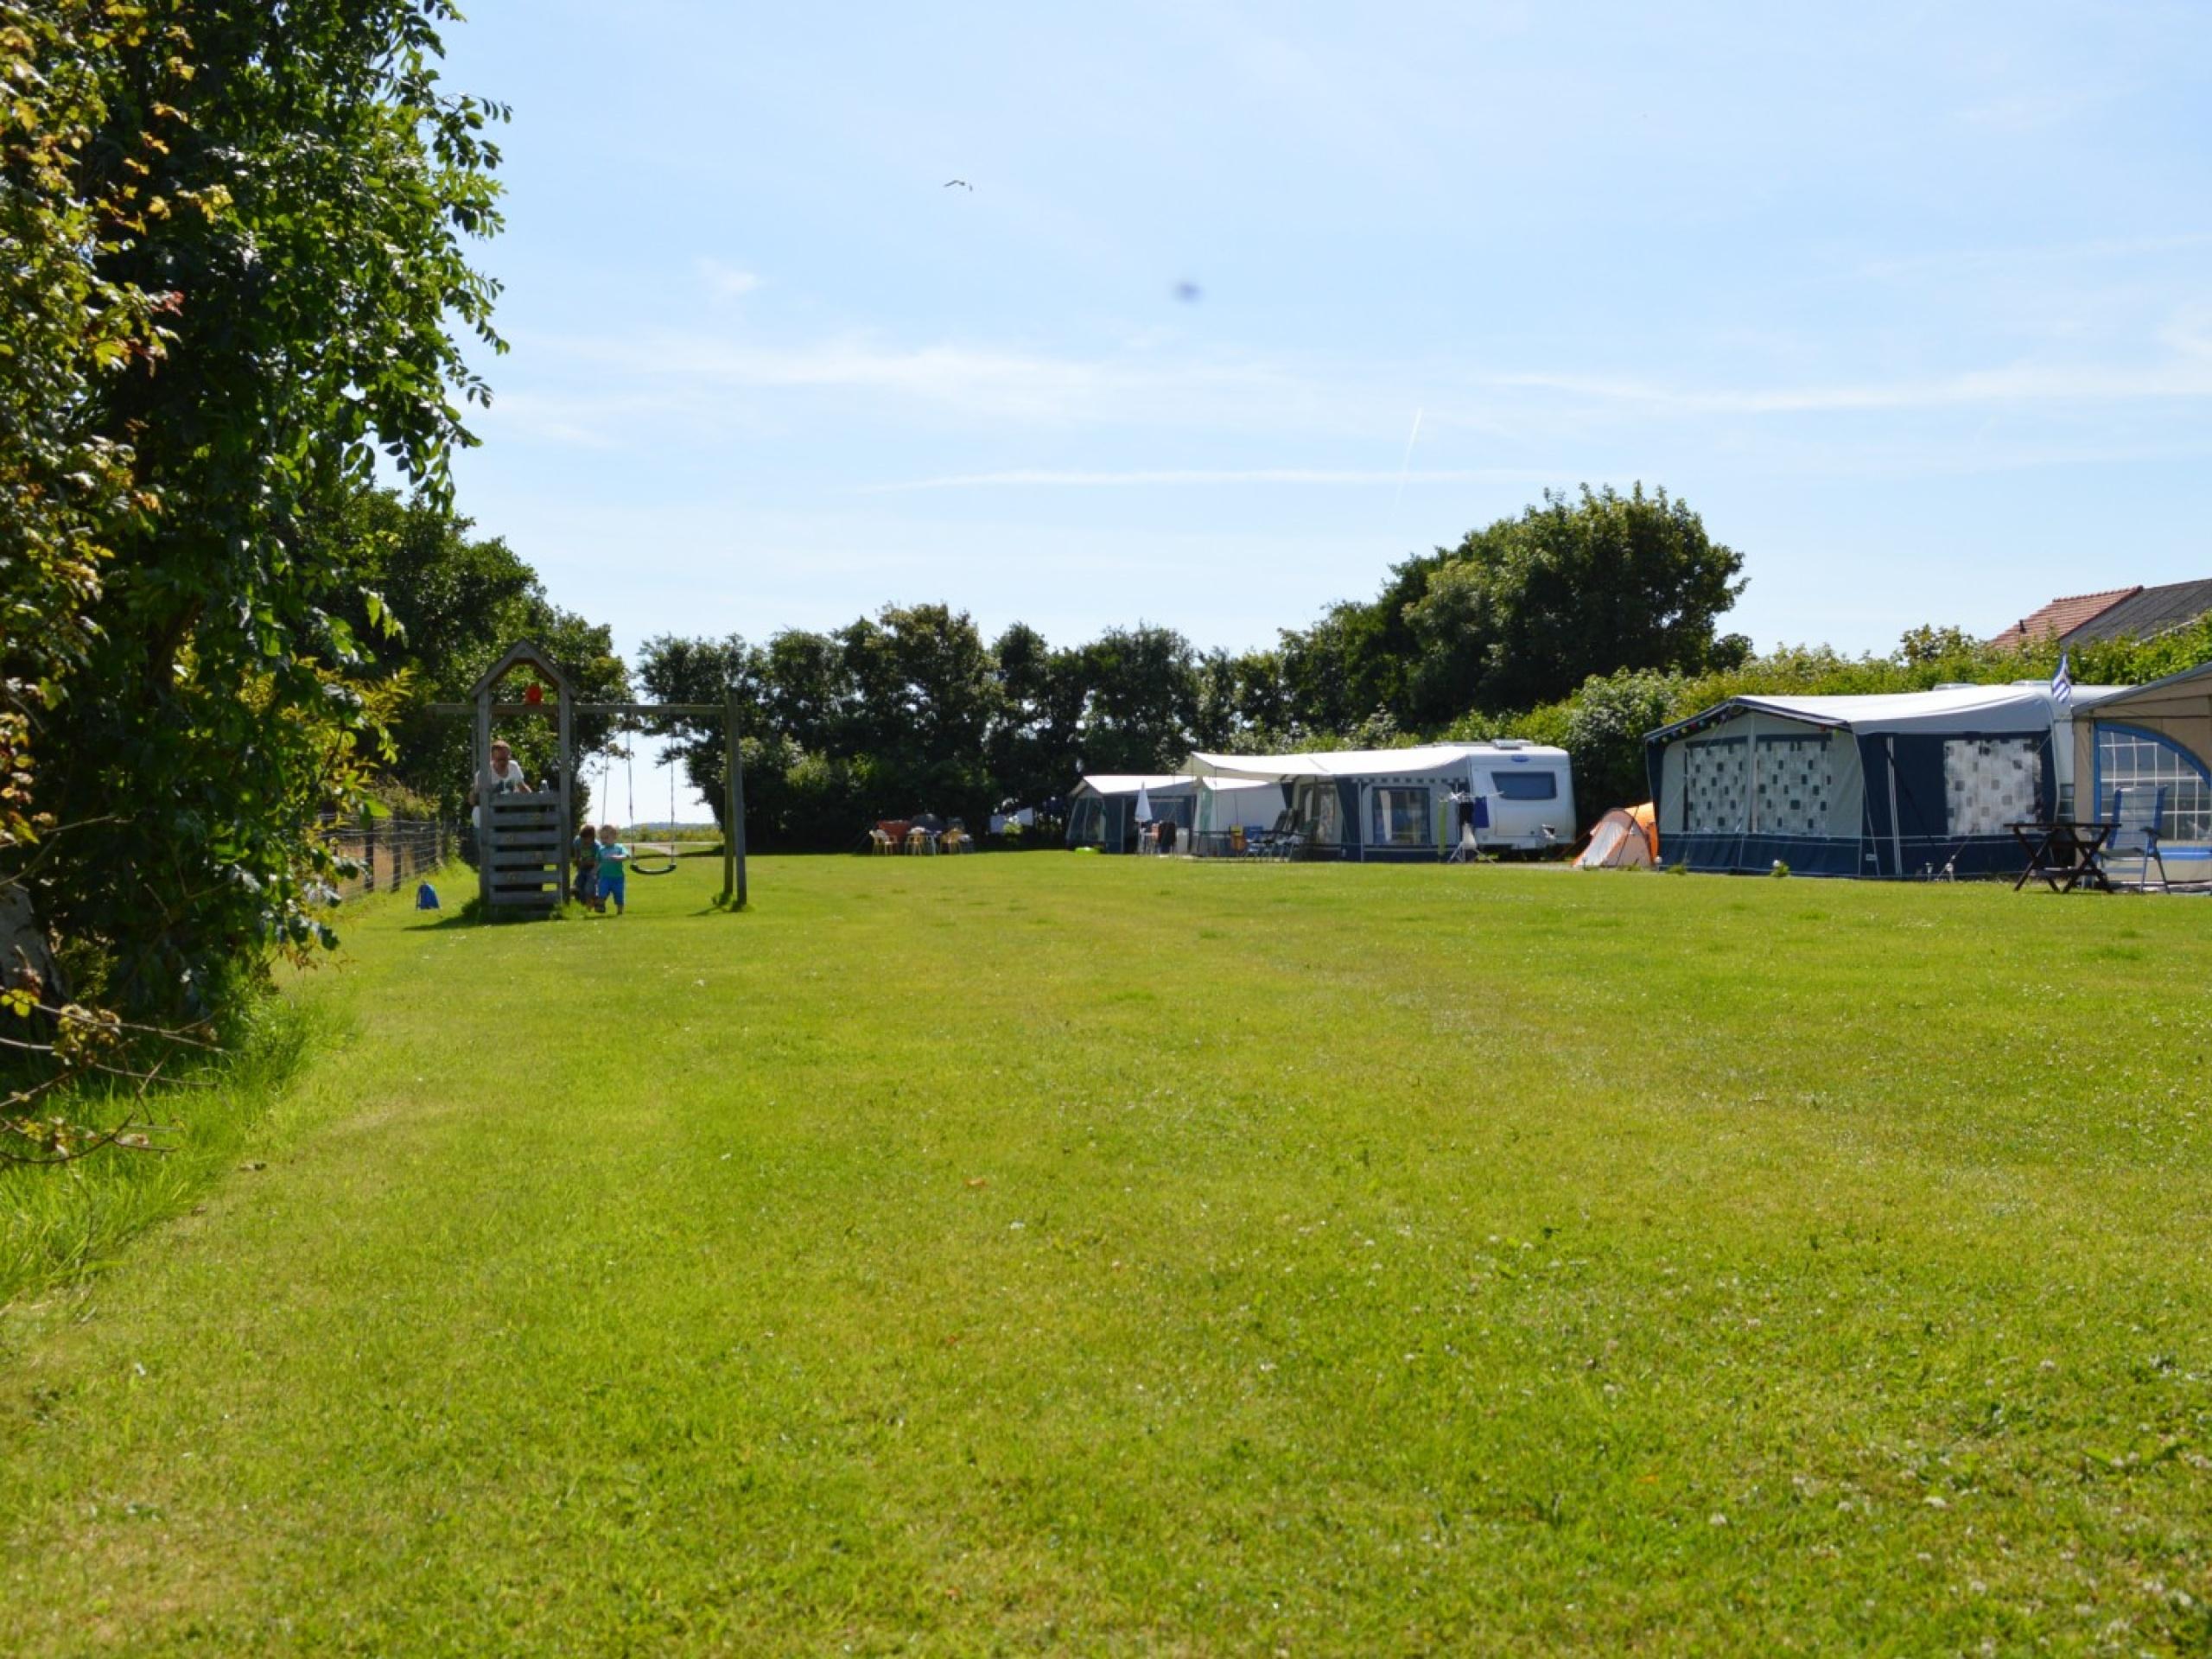 Herrlich campen an schönem ländlichem Ort bei De Cocksdorp